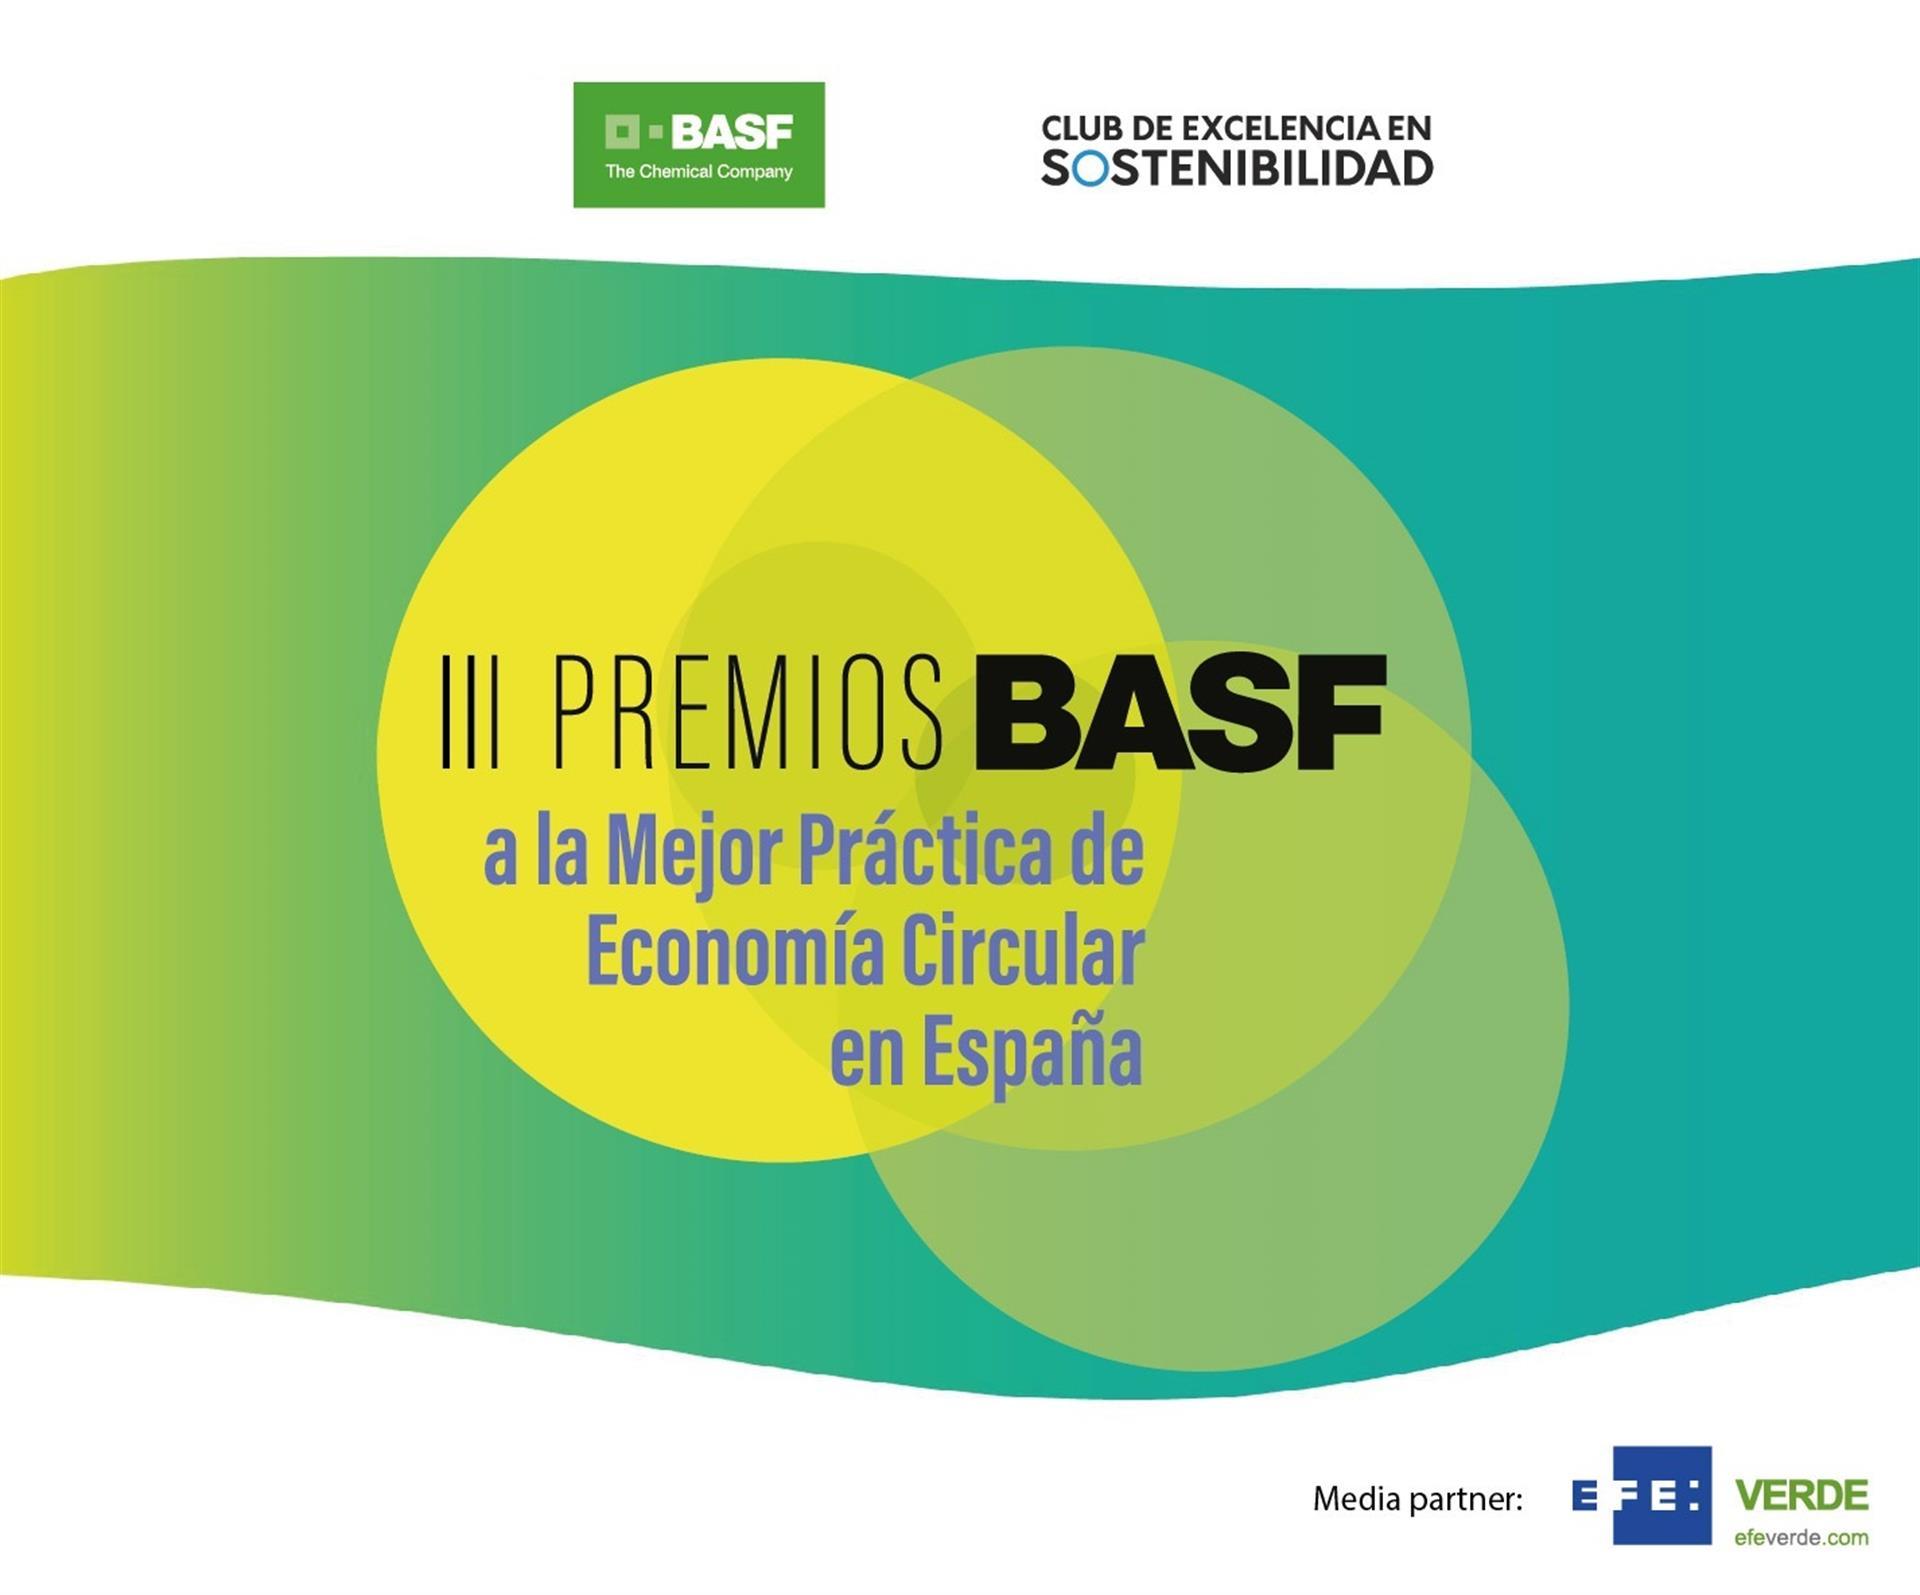 La innovación en economía circular centra la III edición de los Premios BASF.